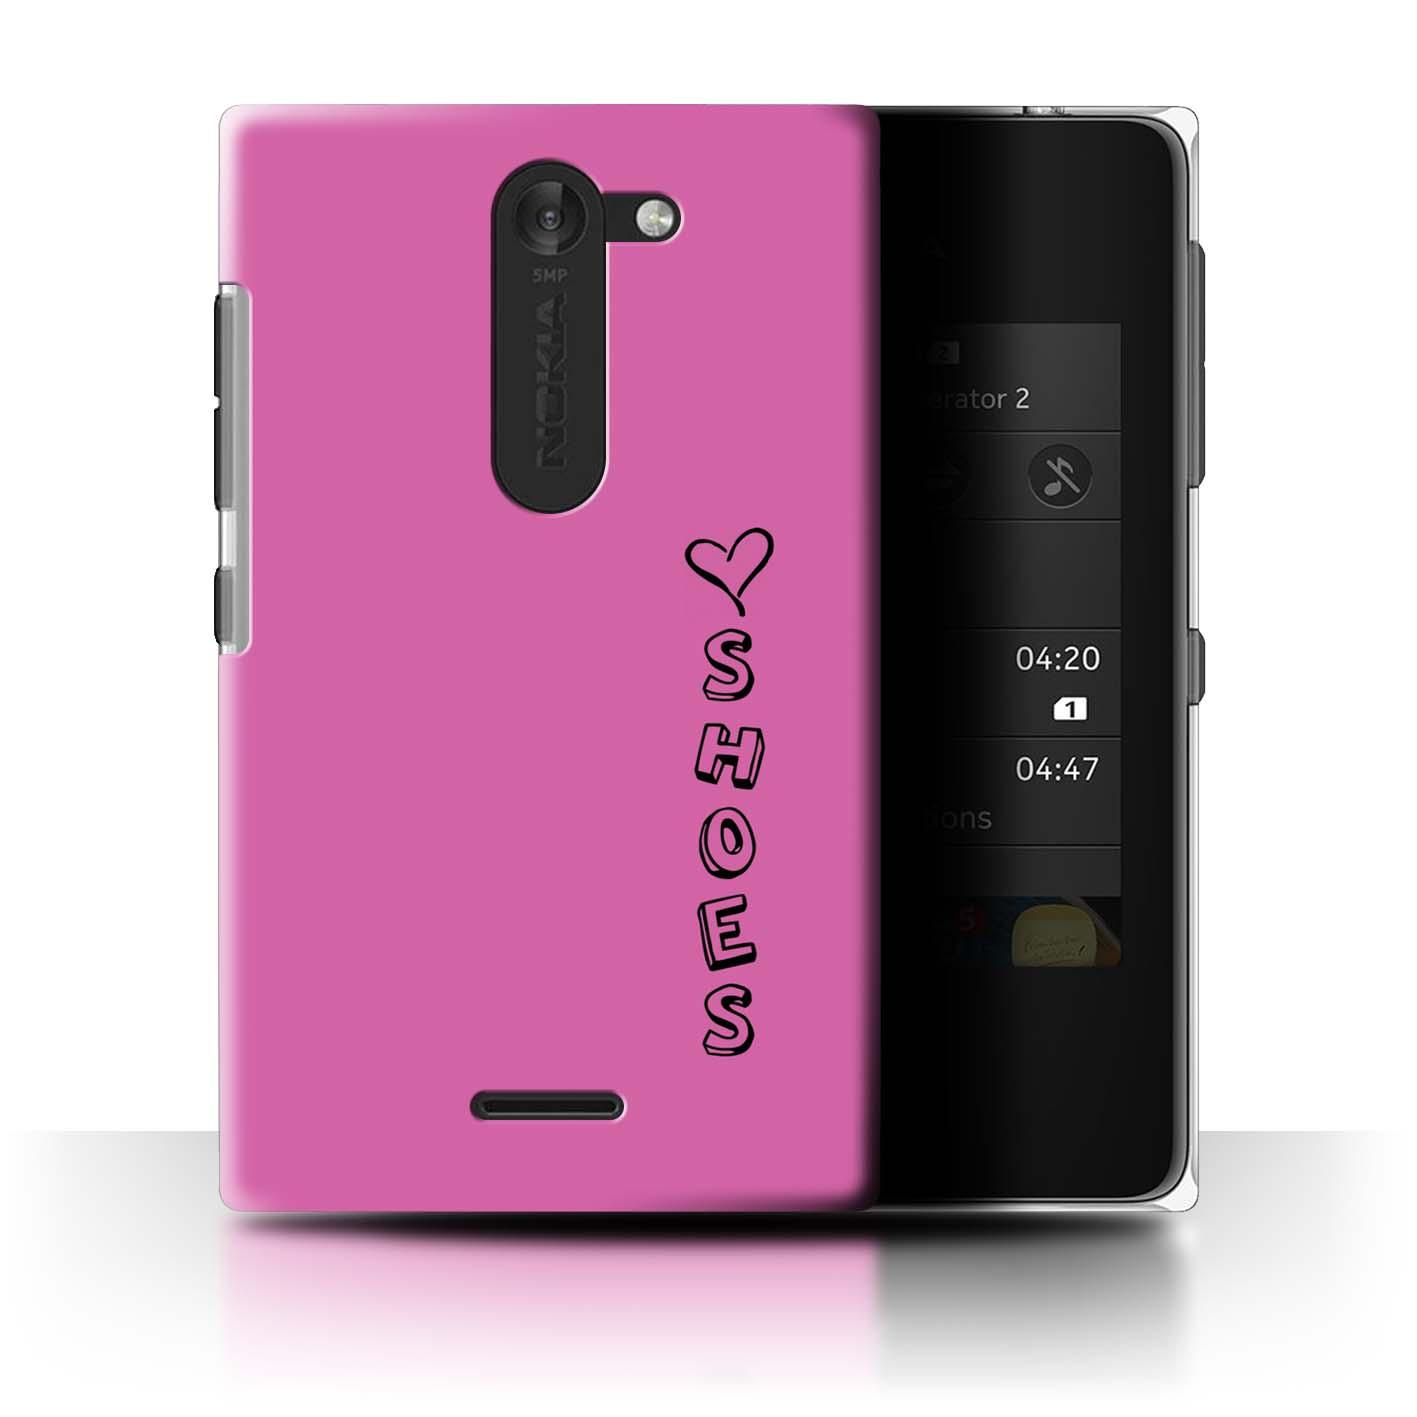 Stuff 4 teléfono caso/cubierta trasera para Nokia Asha 502 Dual/Corazón Xoxo